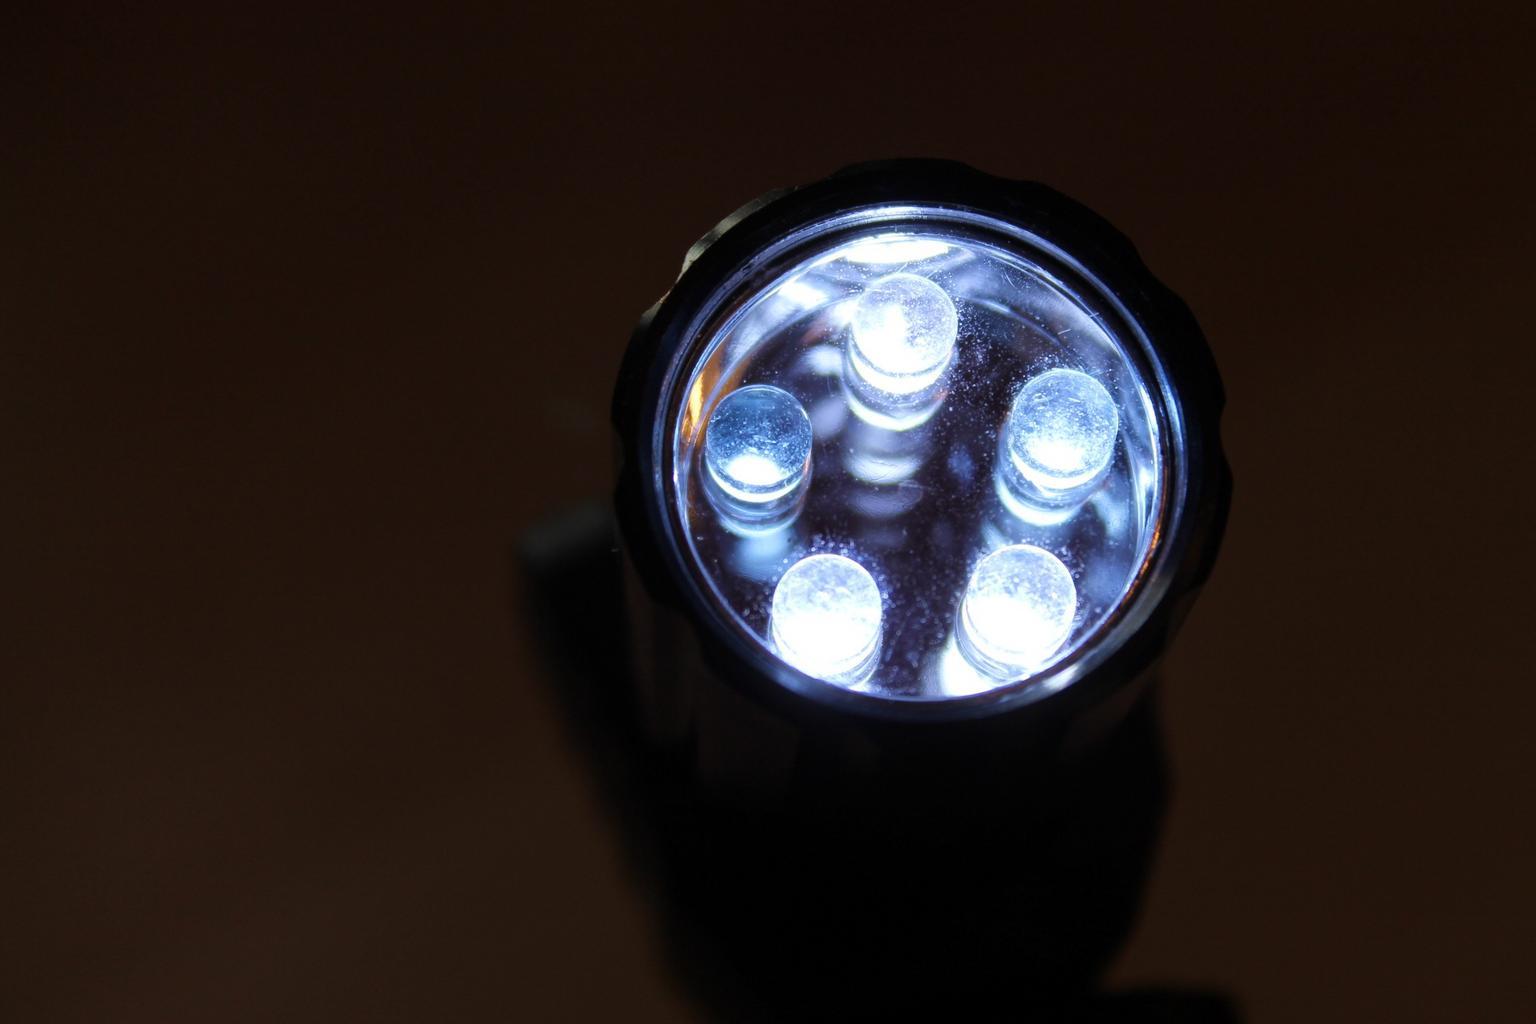 Čo je to vlastne osvetlenie LED a aké ponúka možnosti?